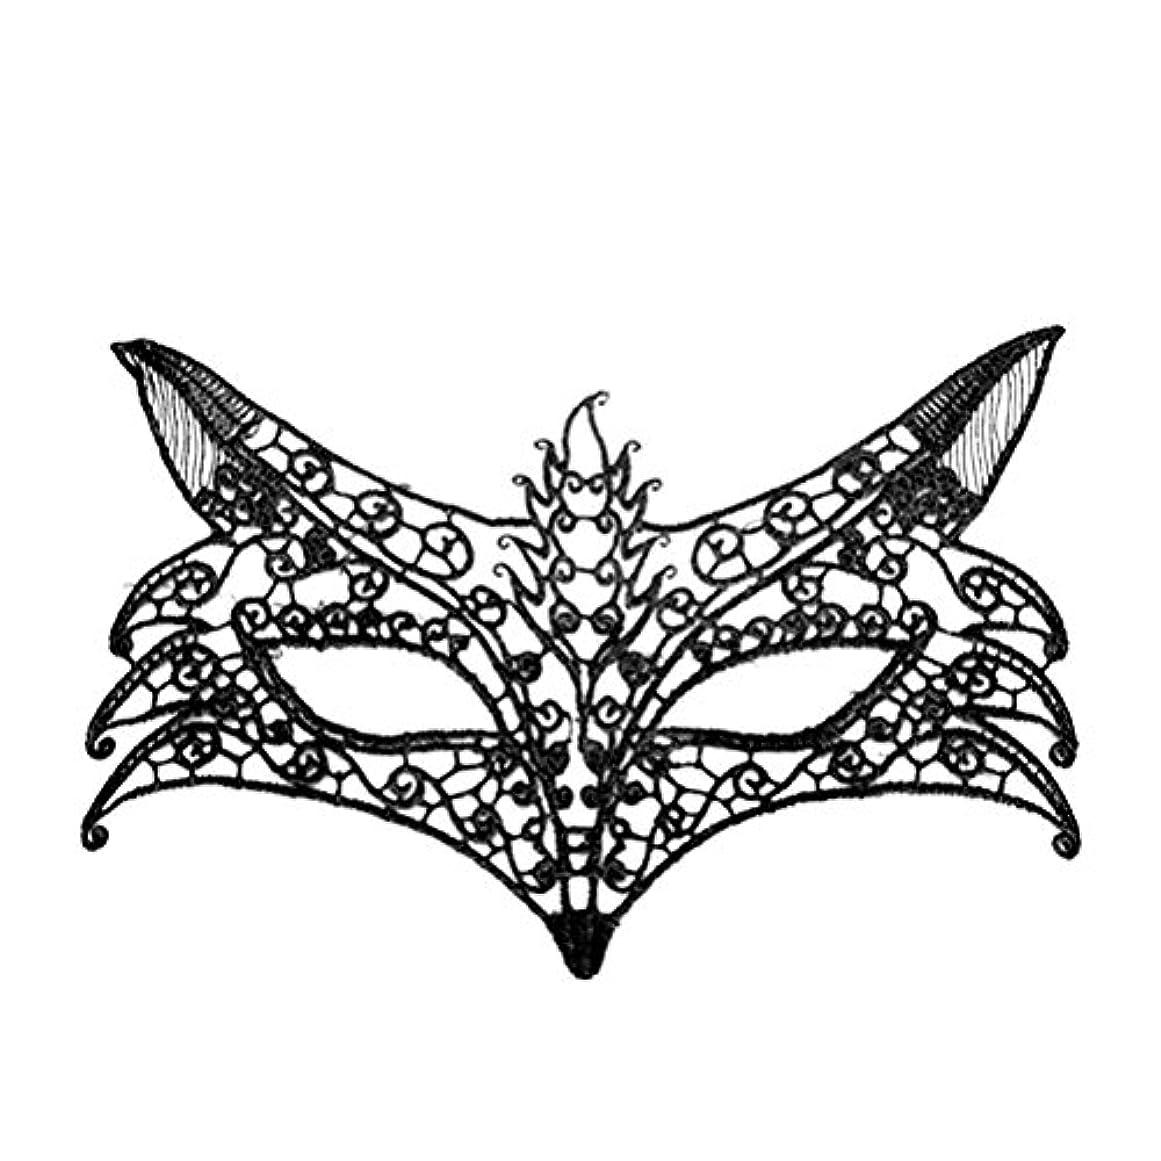 生きている真っ逆さま彼らのものAMOSFUN キツネの形をしたレースパーティーマスクイブニングパーティーウエディングマスカレードマスク(ブラック)